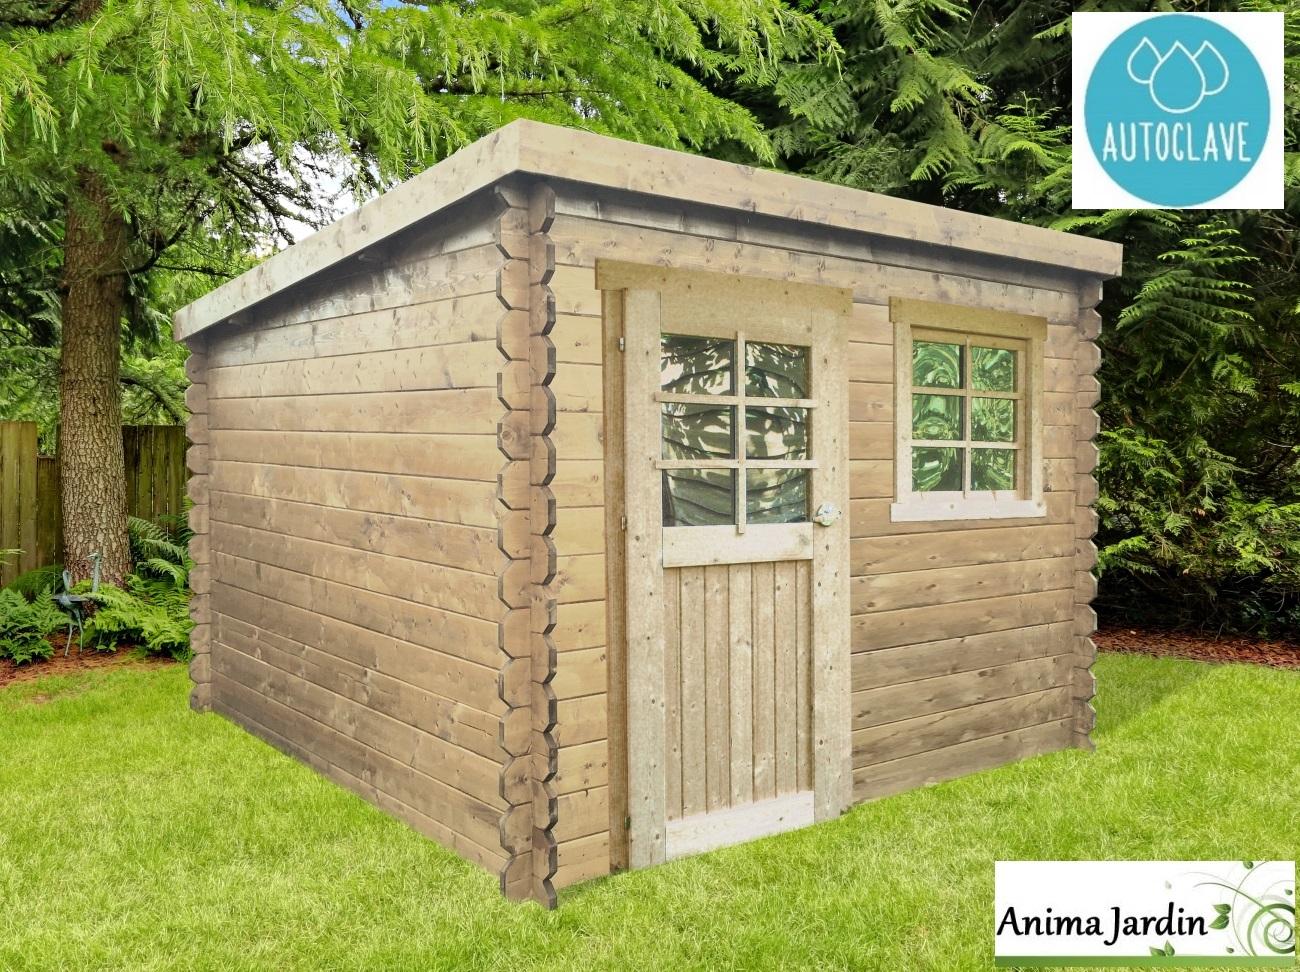 Abri De Jardin En Bois Autoclave 28Mm, Nevers, 5M², 1 serapportantà Abri De Jardin Adossable 20M2